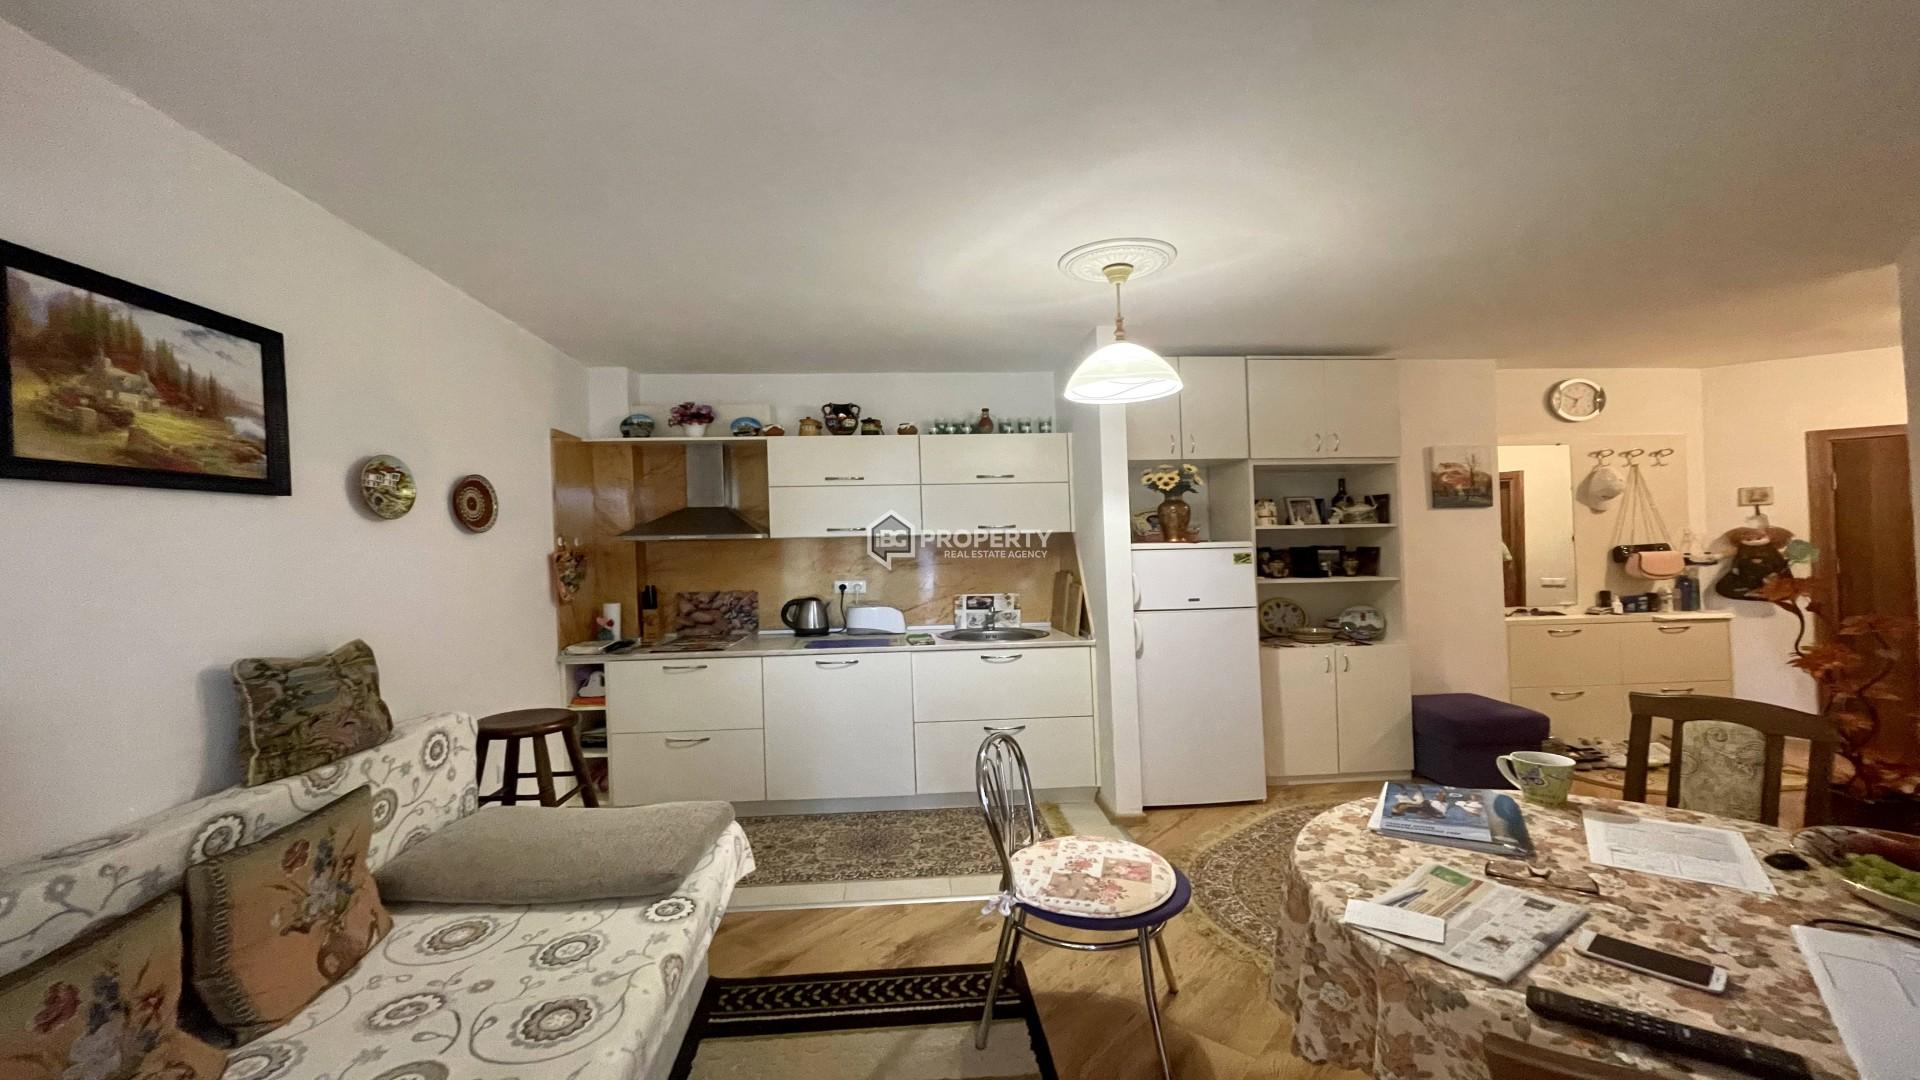 двухкомнатная квартира  в  Бяла 53 m2